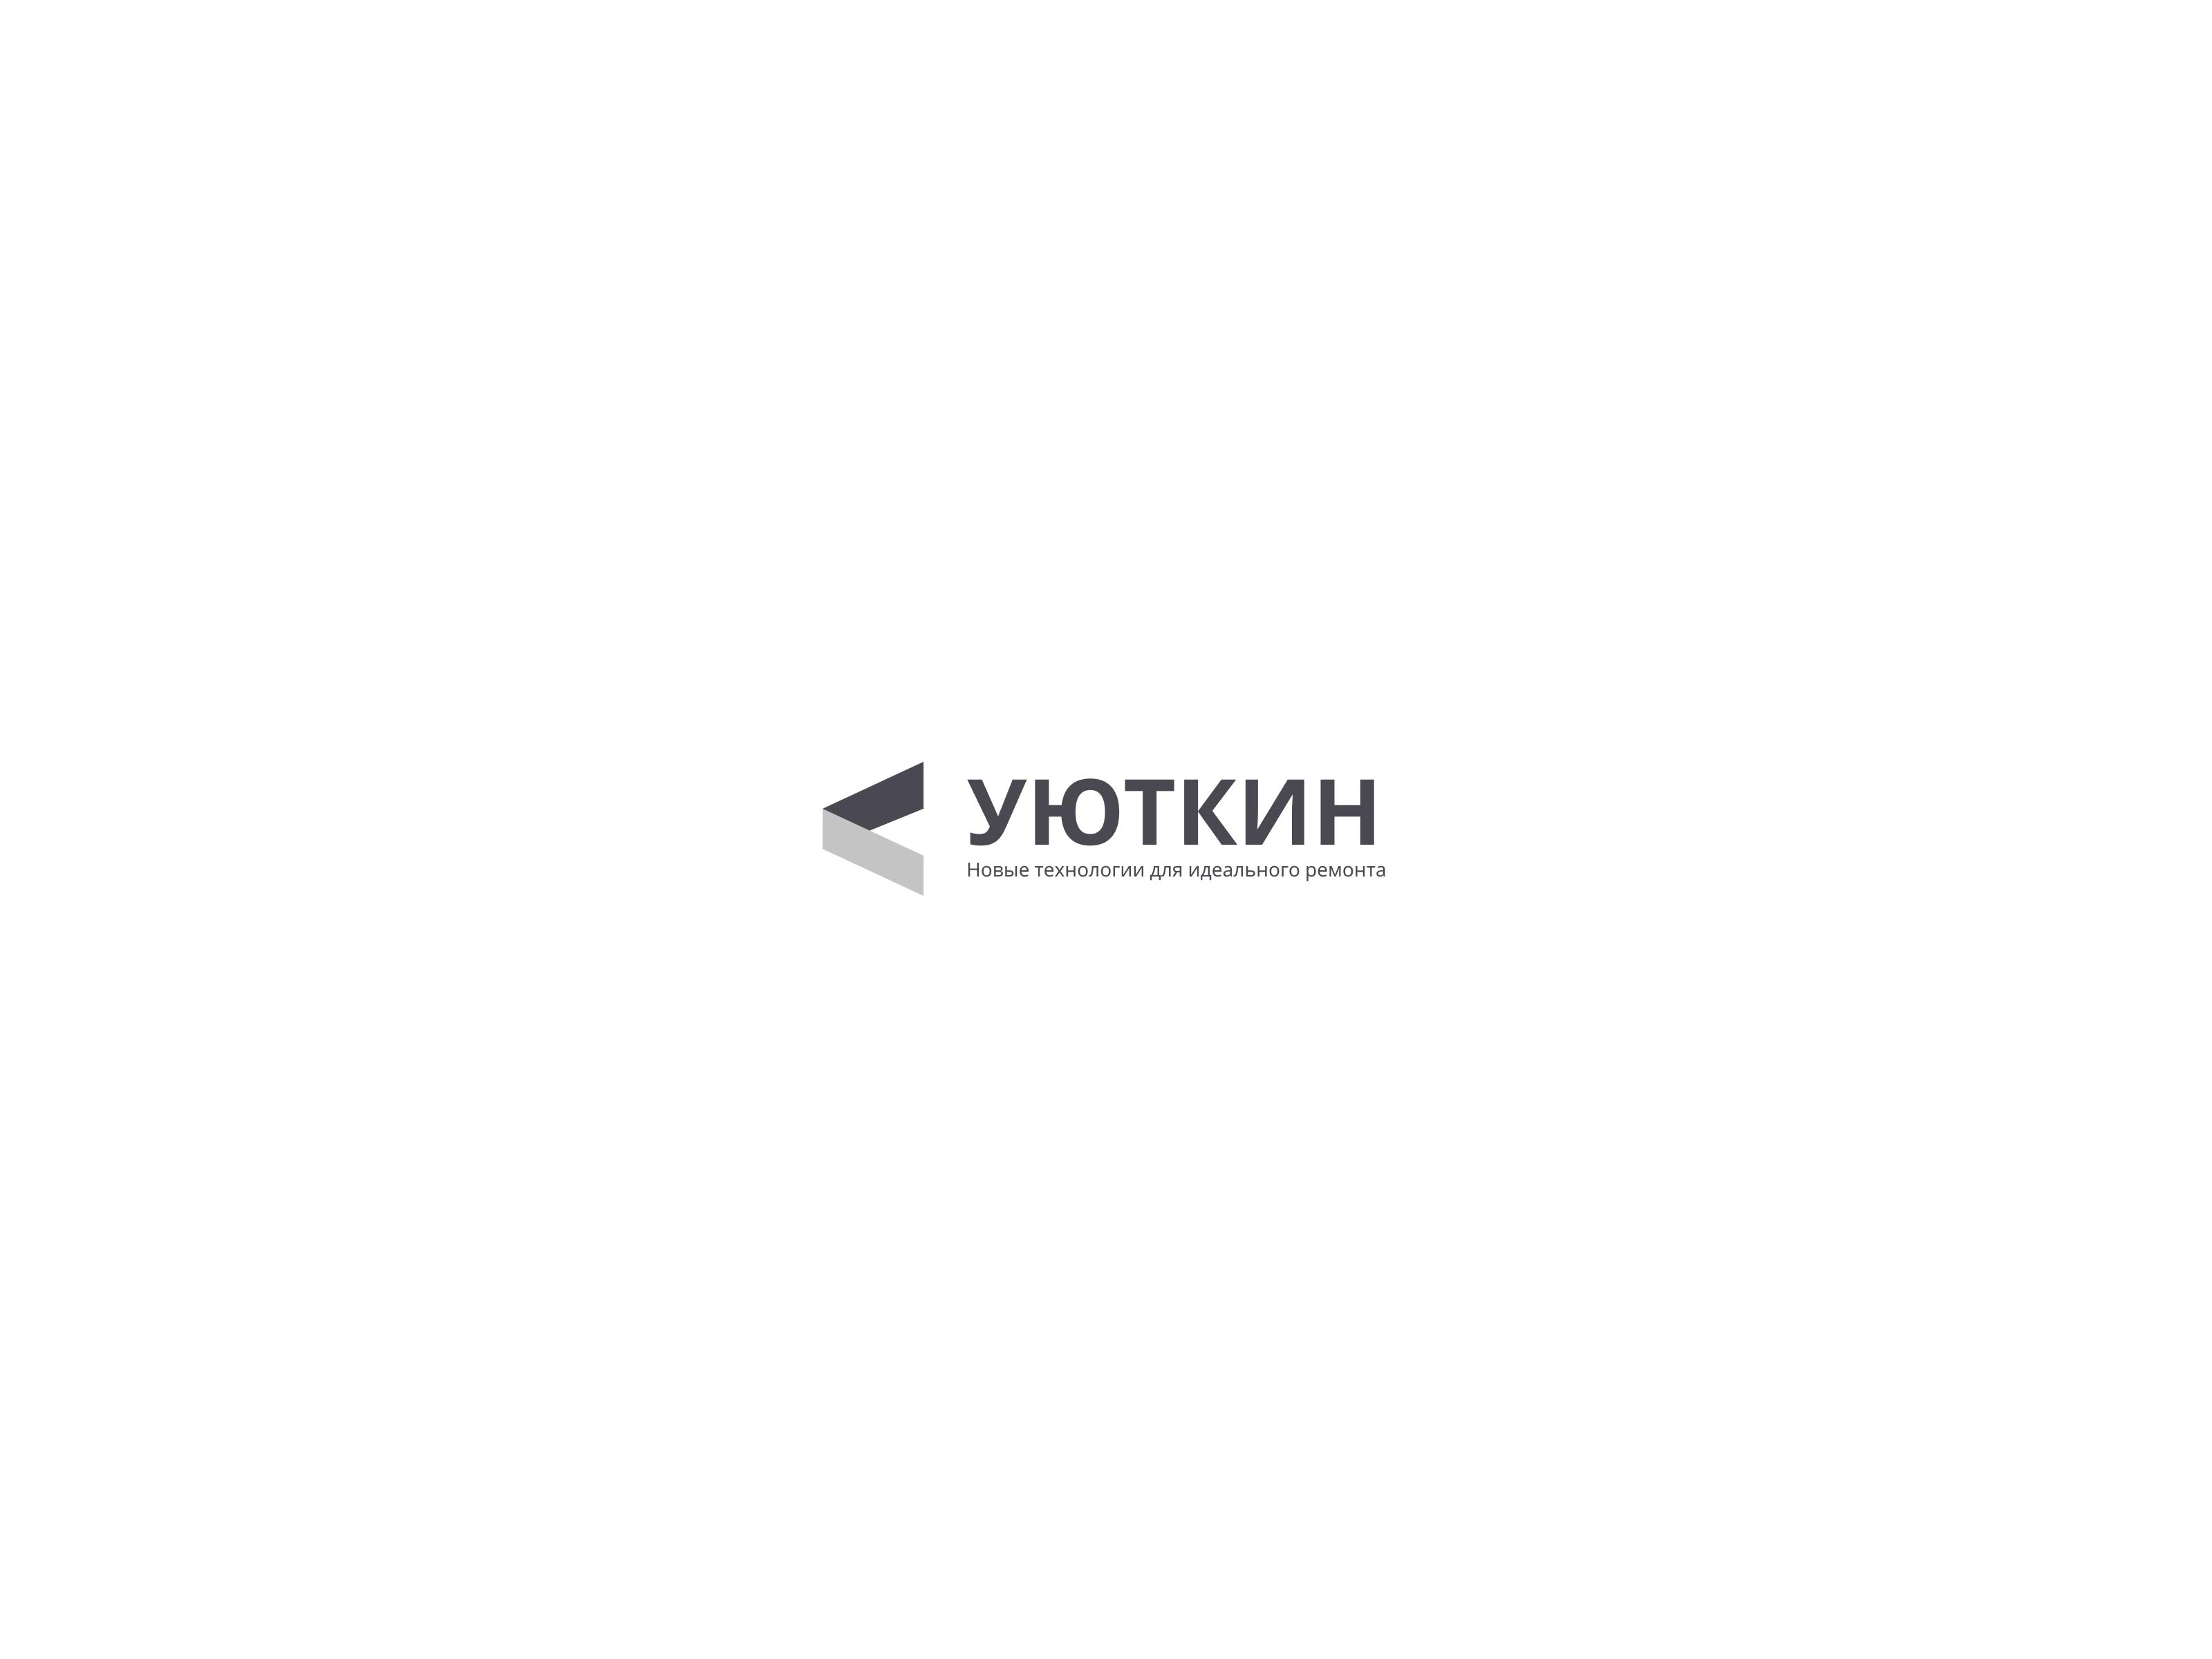 Создание логотипа и стиля сайта фото f_1895c628e78c0ada.png